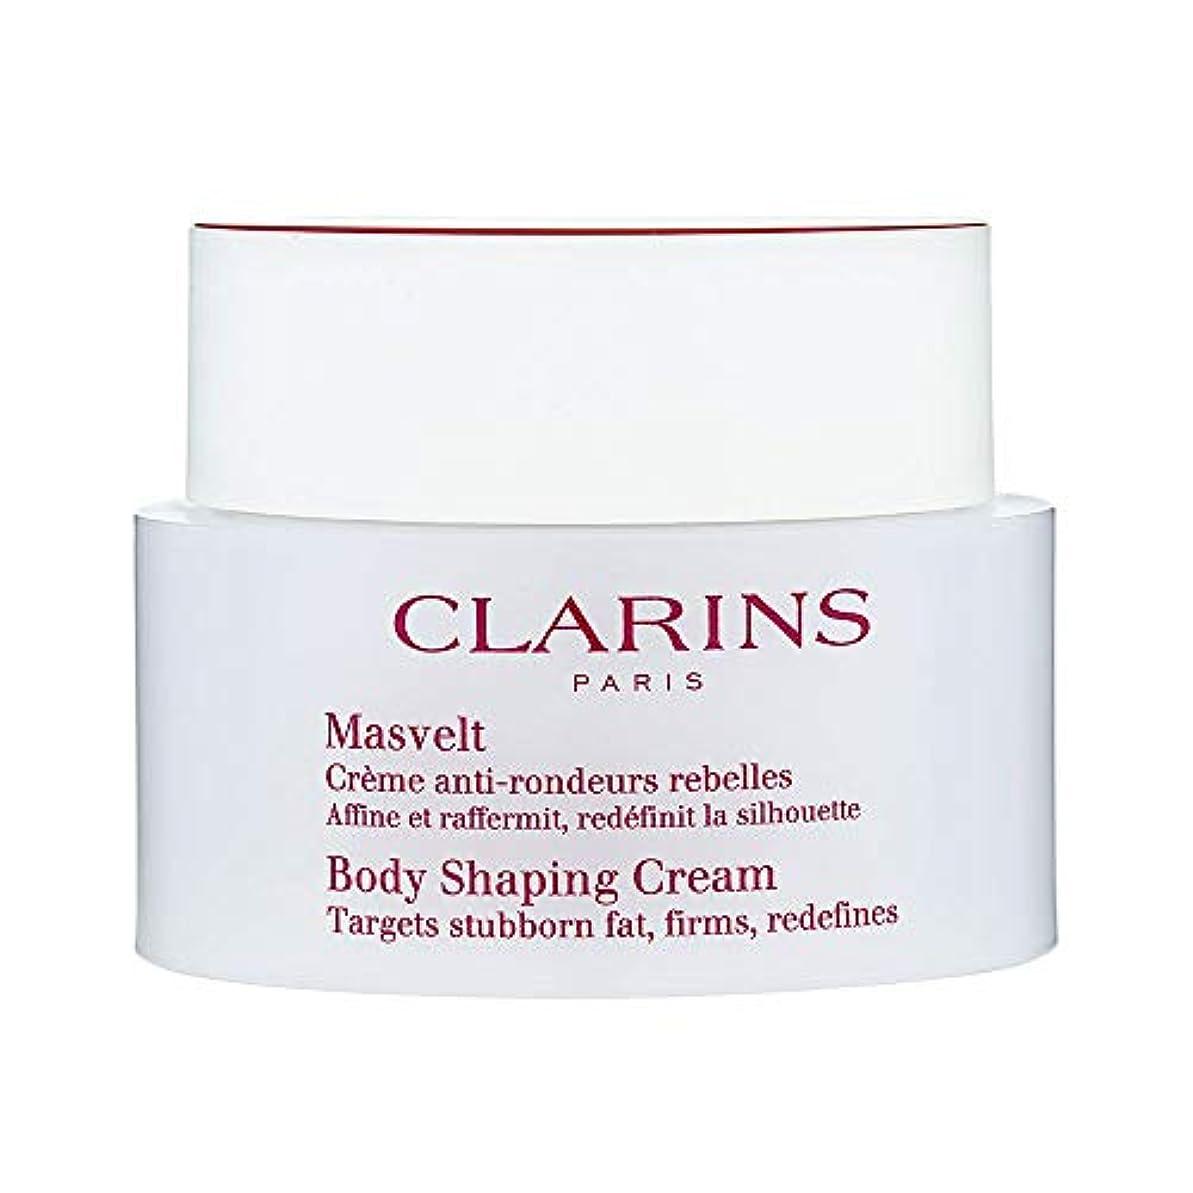 分析手伝う塩クラランス (CLARINS) クレーム マスヴェルト 200ml [並行輸入品]